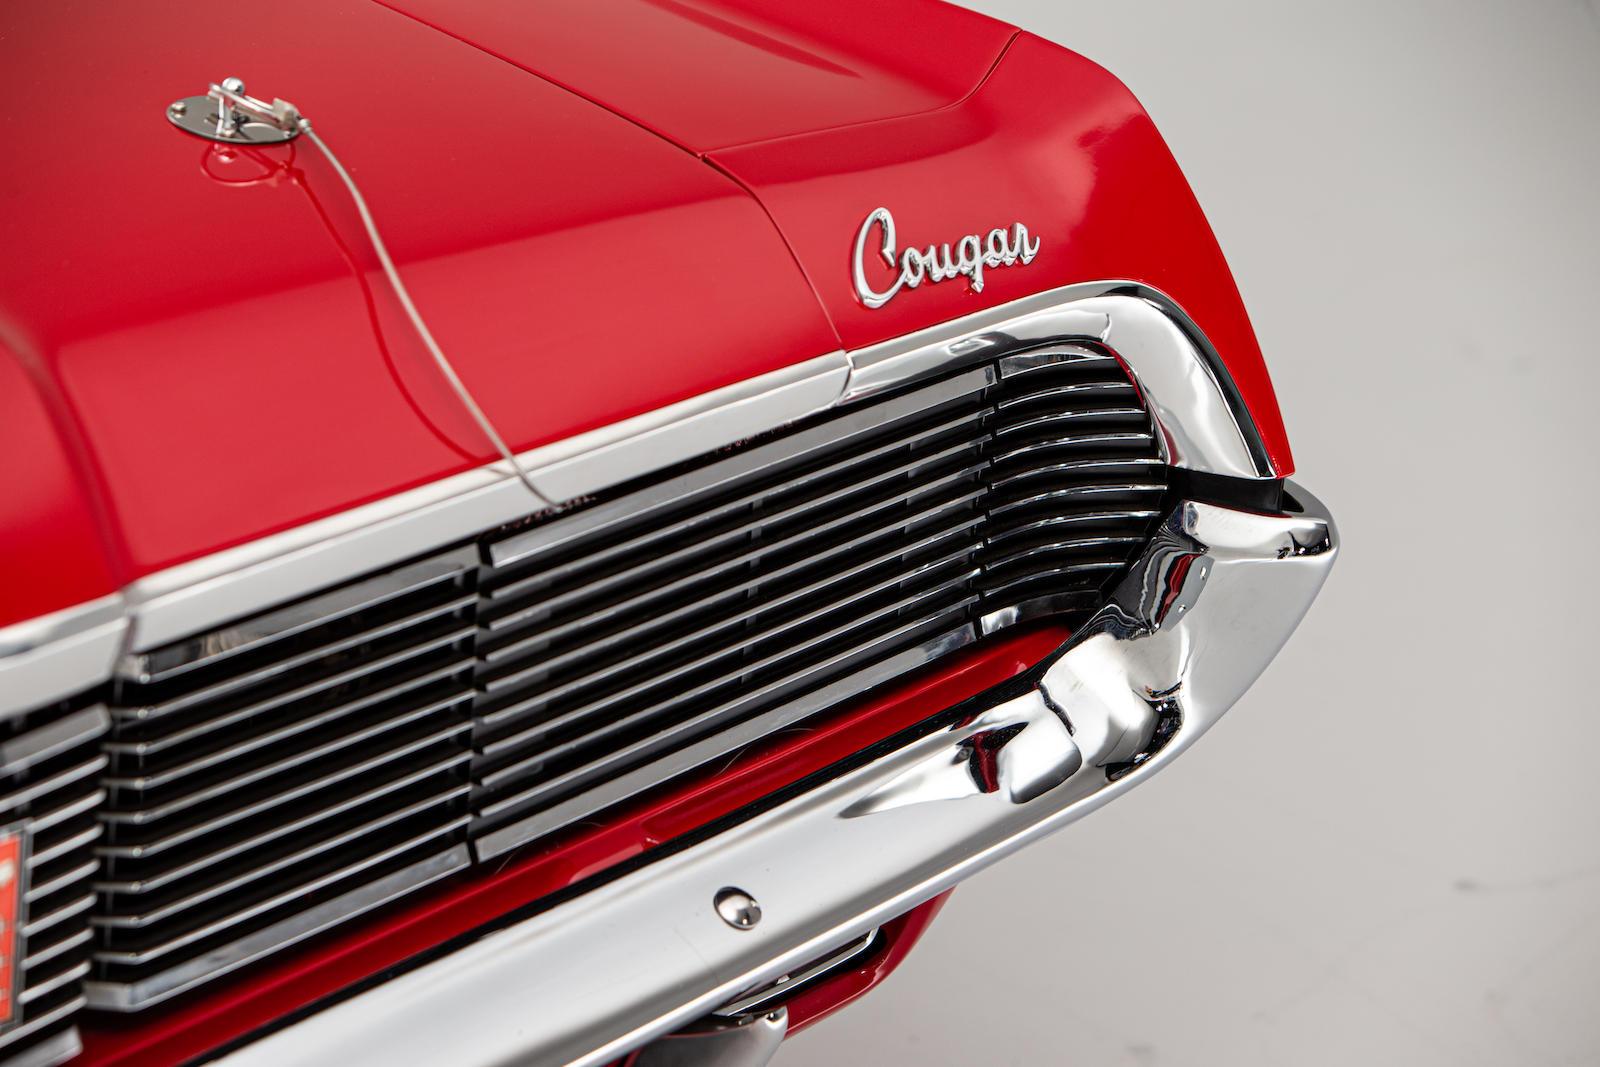 Mercury Cougar Convertible script lettering